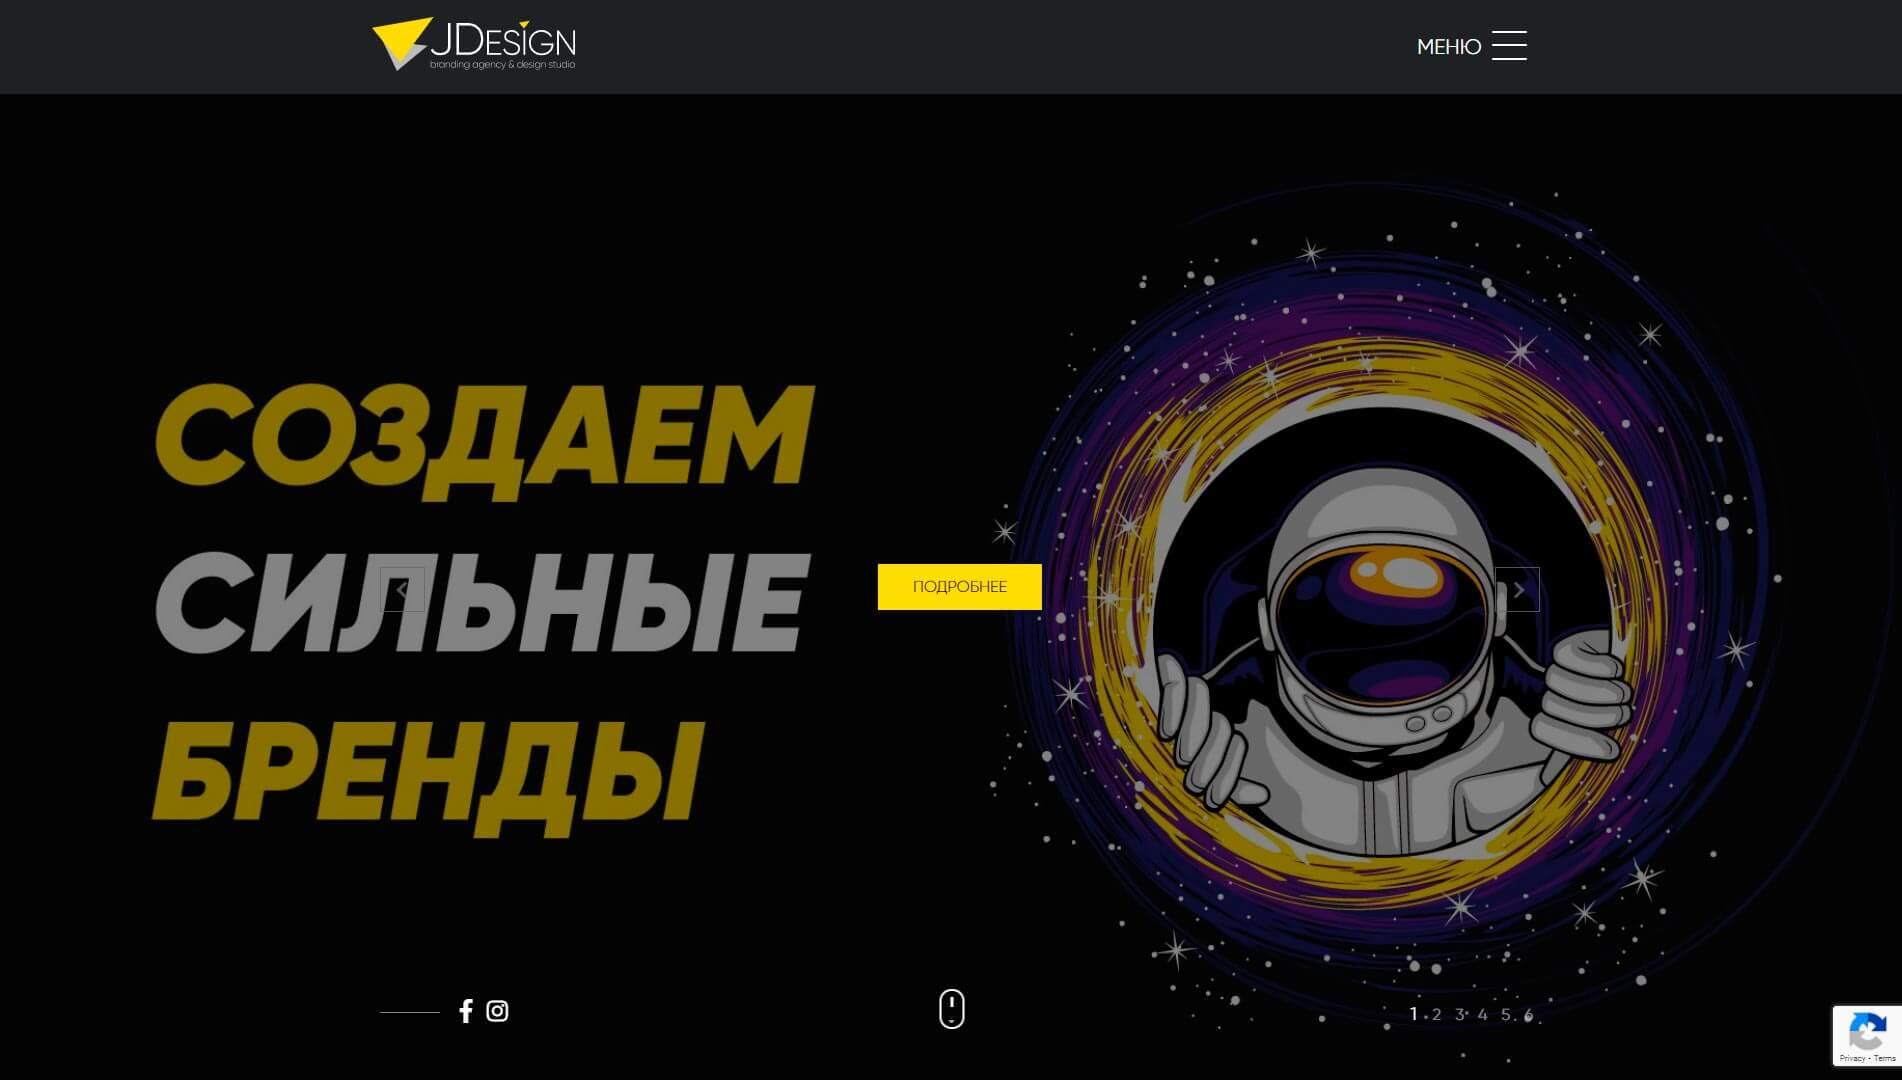 JDesign - обзор компании, услуги, отзывы, клиенты, Фото № 1 - google-seo.pro